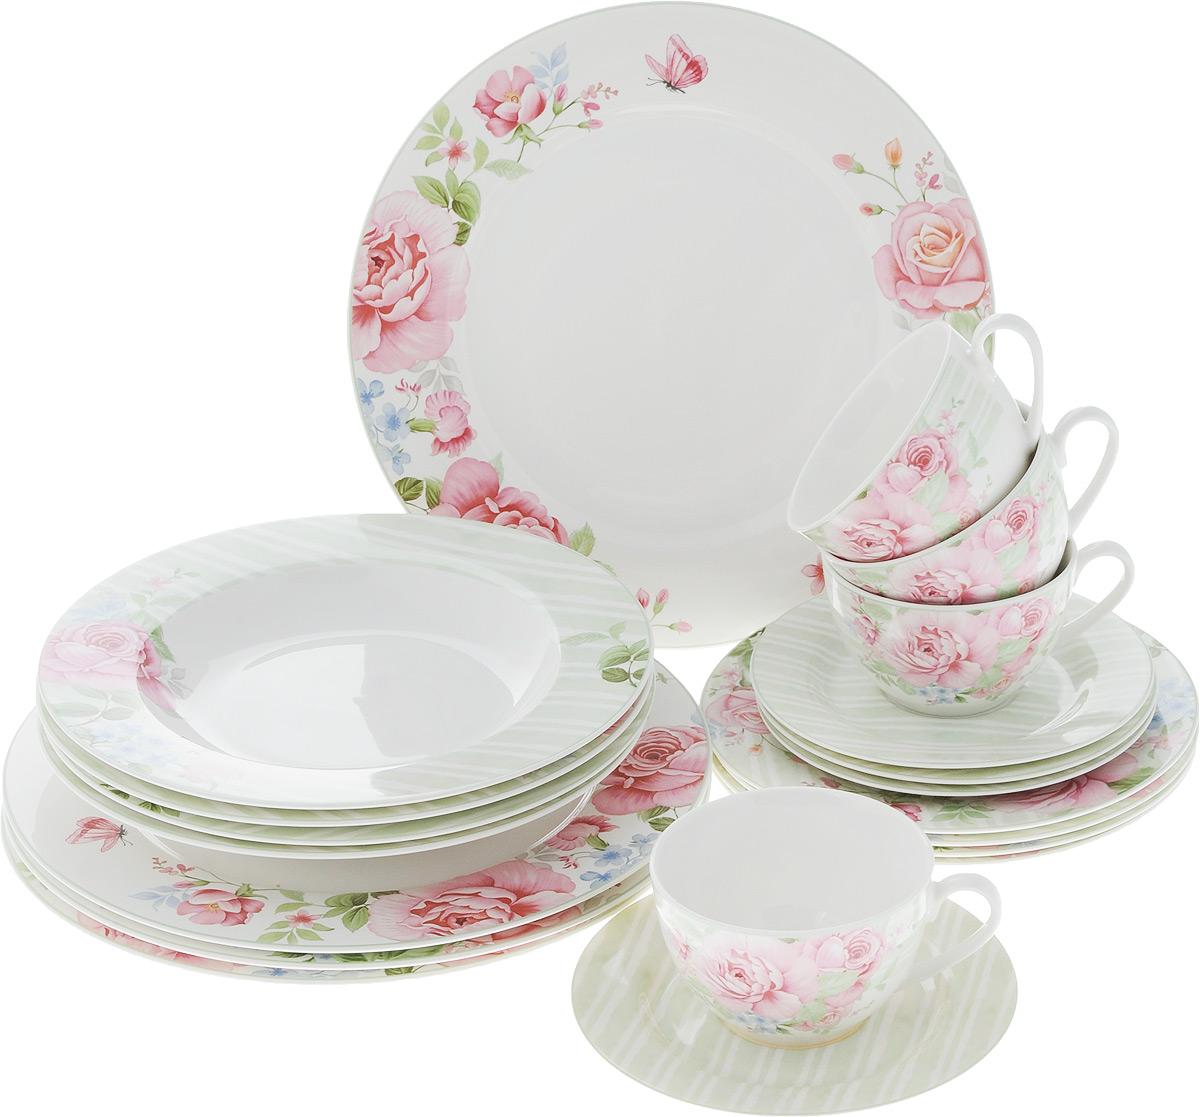 Набор столовой посуды Нежные цветы, 20 предметов. 16-08916-089Набор столовой посуды Нежные цветы состоит из 4 обеденных тарелок, 4 суповых тарелок, 4 десертных тарелок, 4 блюдец и 4 чашек. Изделия выполнены из фарфора и дополнены изысканным цветочным рисунком. Посуда отличается прочностью, гигиеничностью и долгим сроком службы, она устойчива к появлению царапин. Такой набор прекрасно подойдет как для повседневного использования, так и для праздников или особенных случаев. Такой набор столовой посуды - это не только яркий и полезный подарок для родных и близких, а также великолепное дизайнерское решение для вашей кухни или столовой. Можно использовать в микроволновой печи и мыть в посудомоечной машине. Диаметр суповой тарелки: 23 см. Высота суповой тарелки: 3 см.Диаметр обеденной тарелки: 27 см. Диаметр десертной тарелки: 19 см. Диаметр блюдца: 15,5 см. Объем чашки: 250 мл.Диаметр чашки (по верхнему краю): 9,5 см.Высота чашки: 6 см.